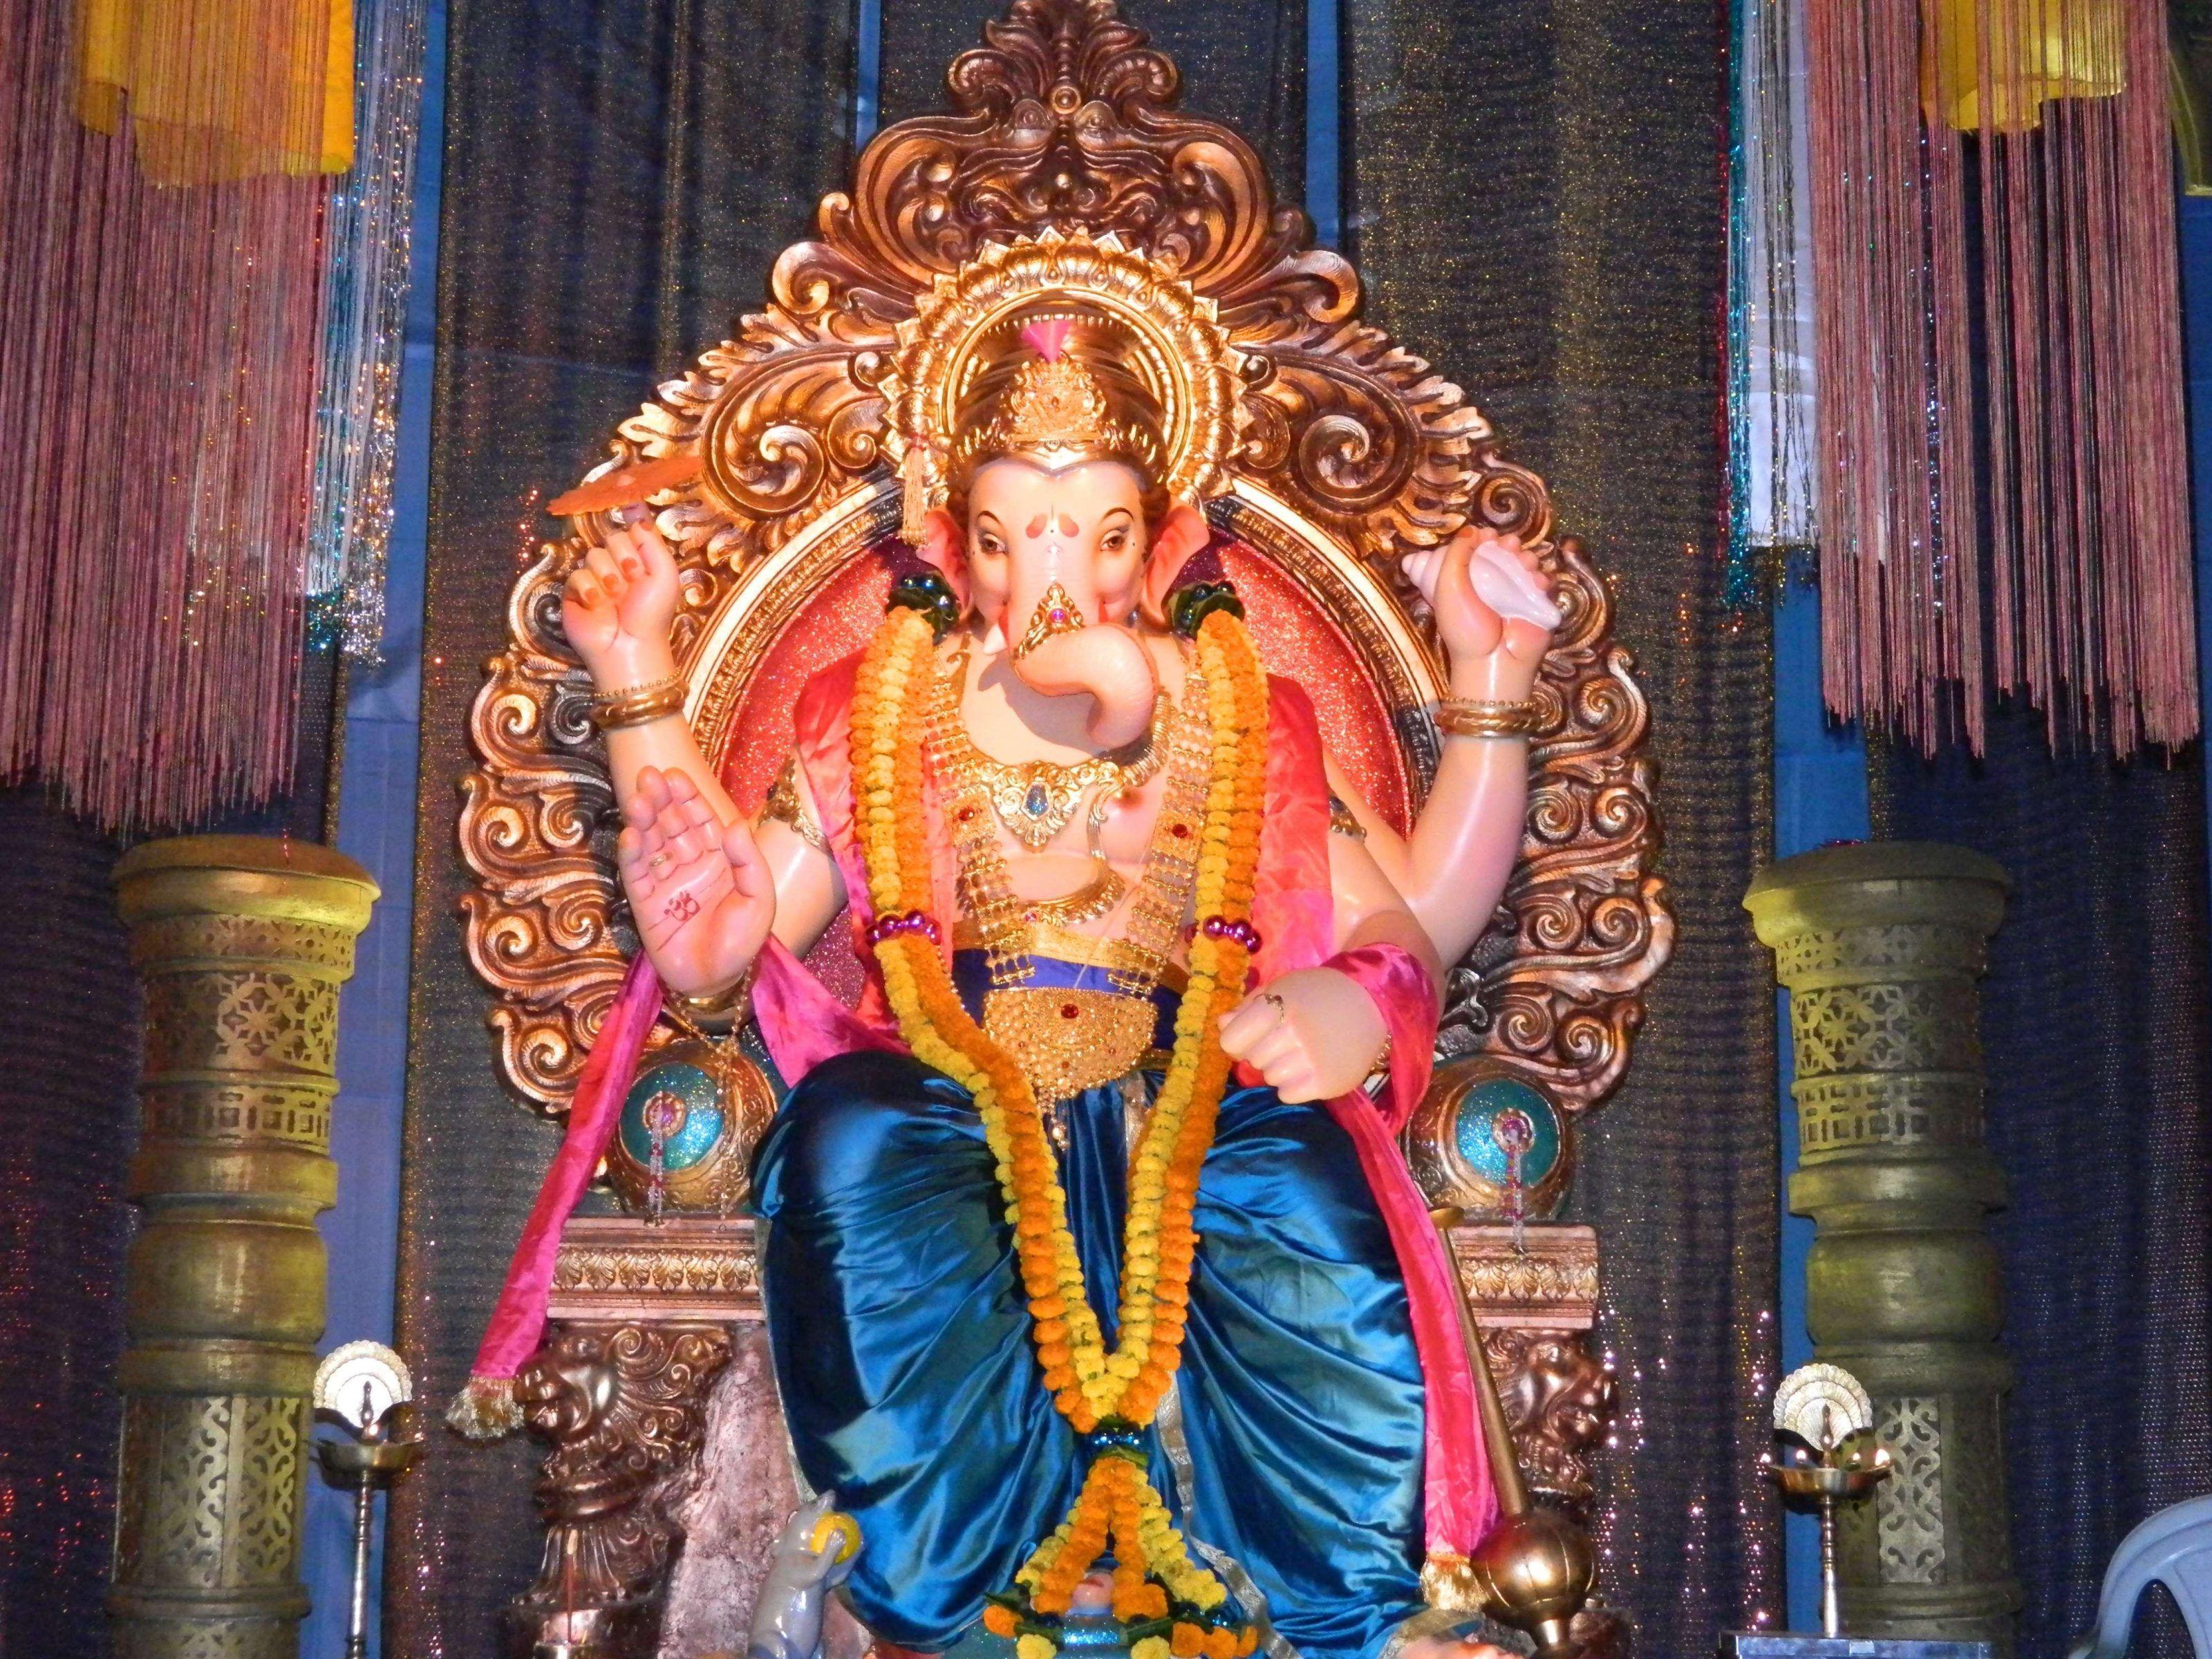 Hình nền 3200x2400 Hình nền Prabhadevi Ganesh Ganpati Bappa Morya Tương tự